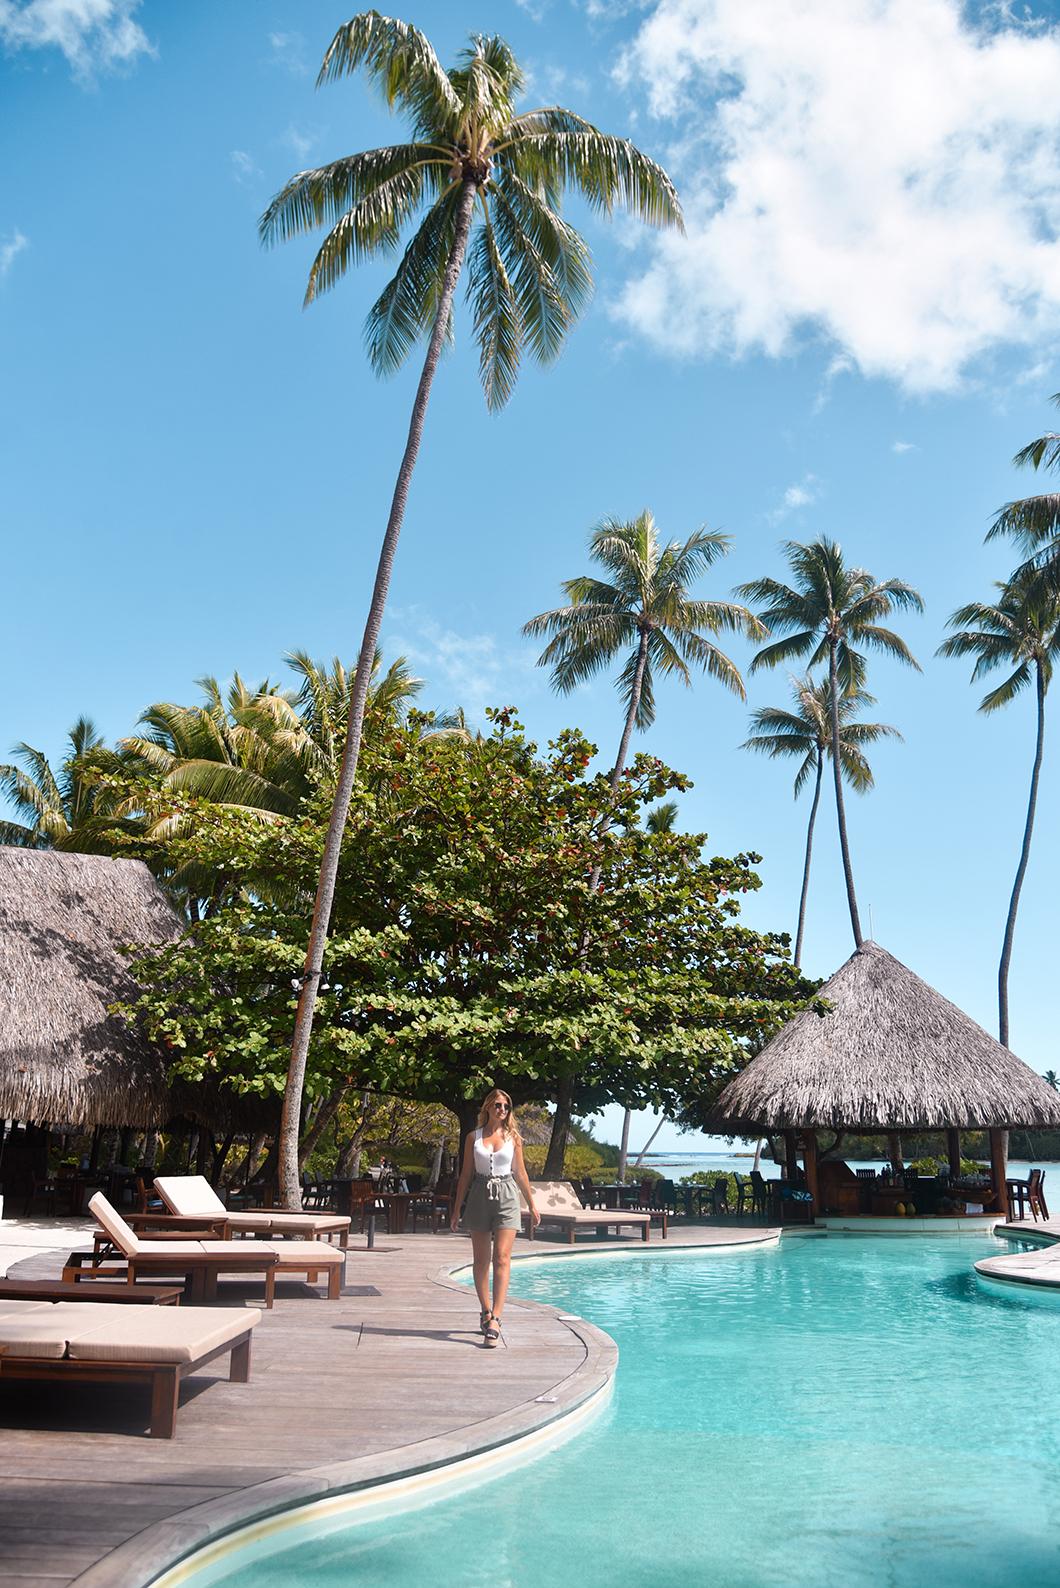 Taha'a Island Resort, l'un des plus beaux hôtels de la Polynésie Française